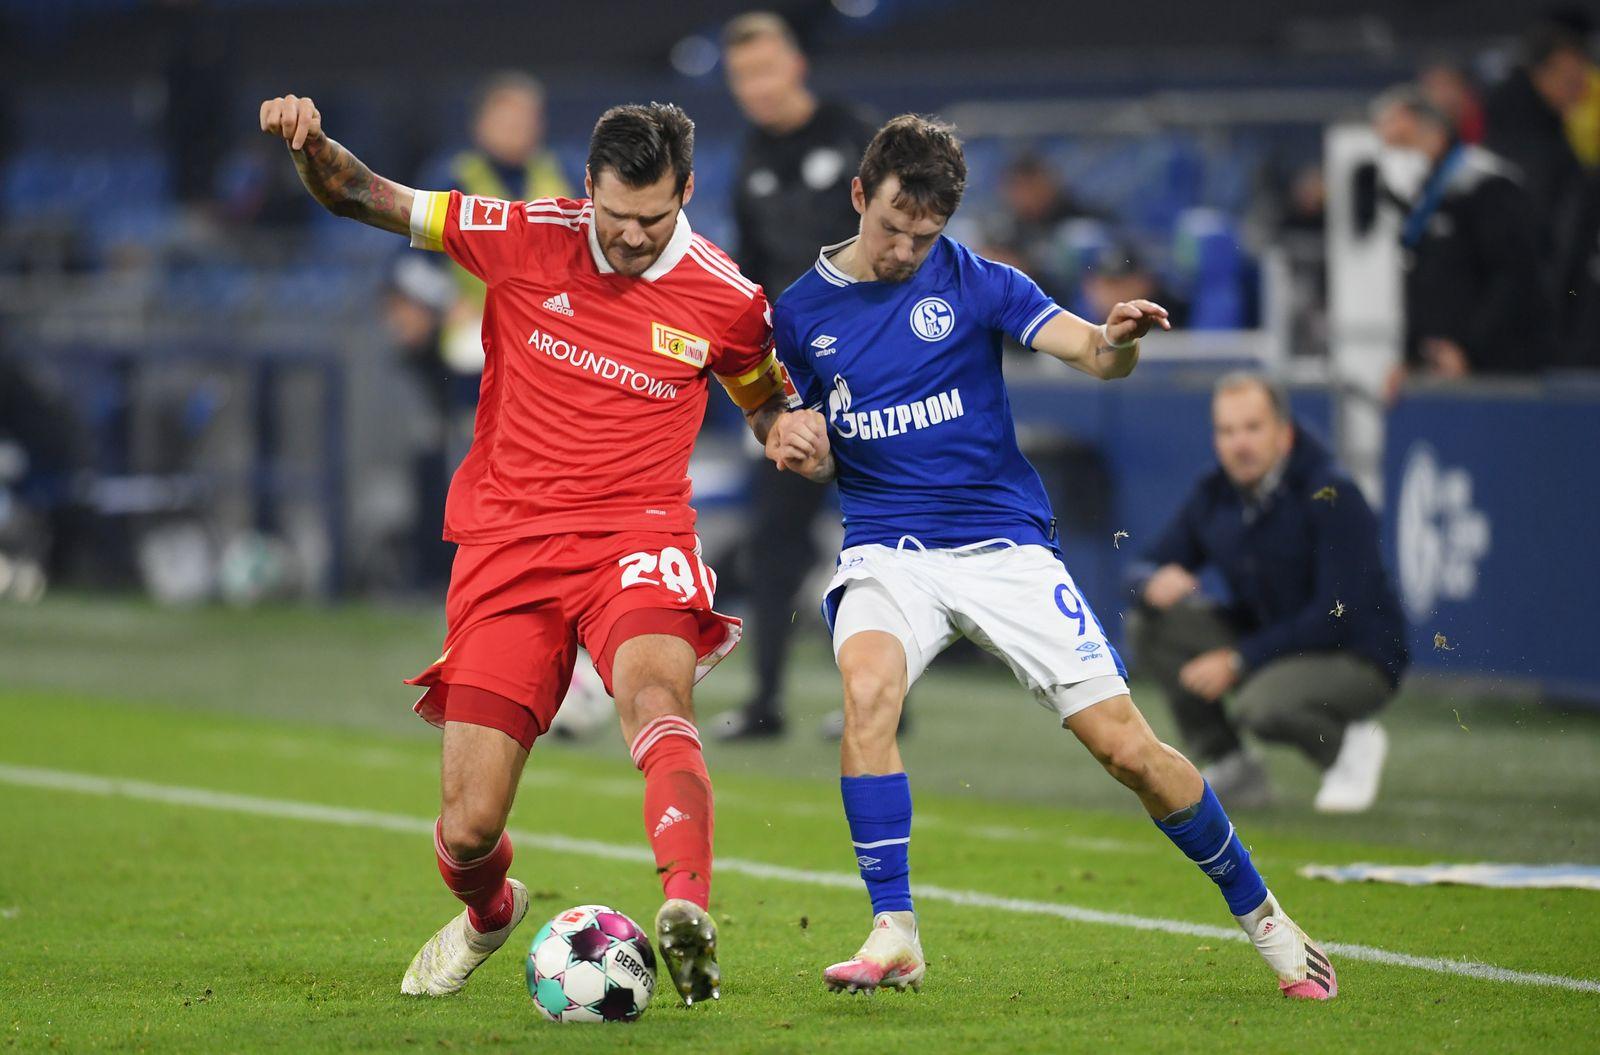 FC Schalke 04 v 1. FC Union Berlin, Gelsenkirchen, Germany - 18 Oct 2020